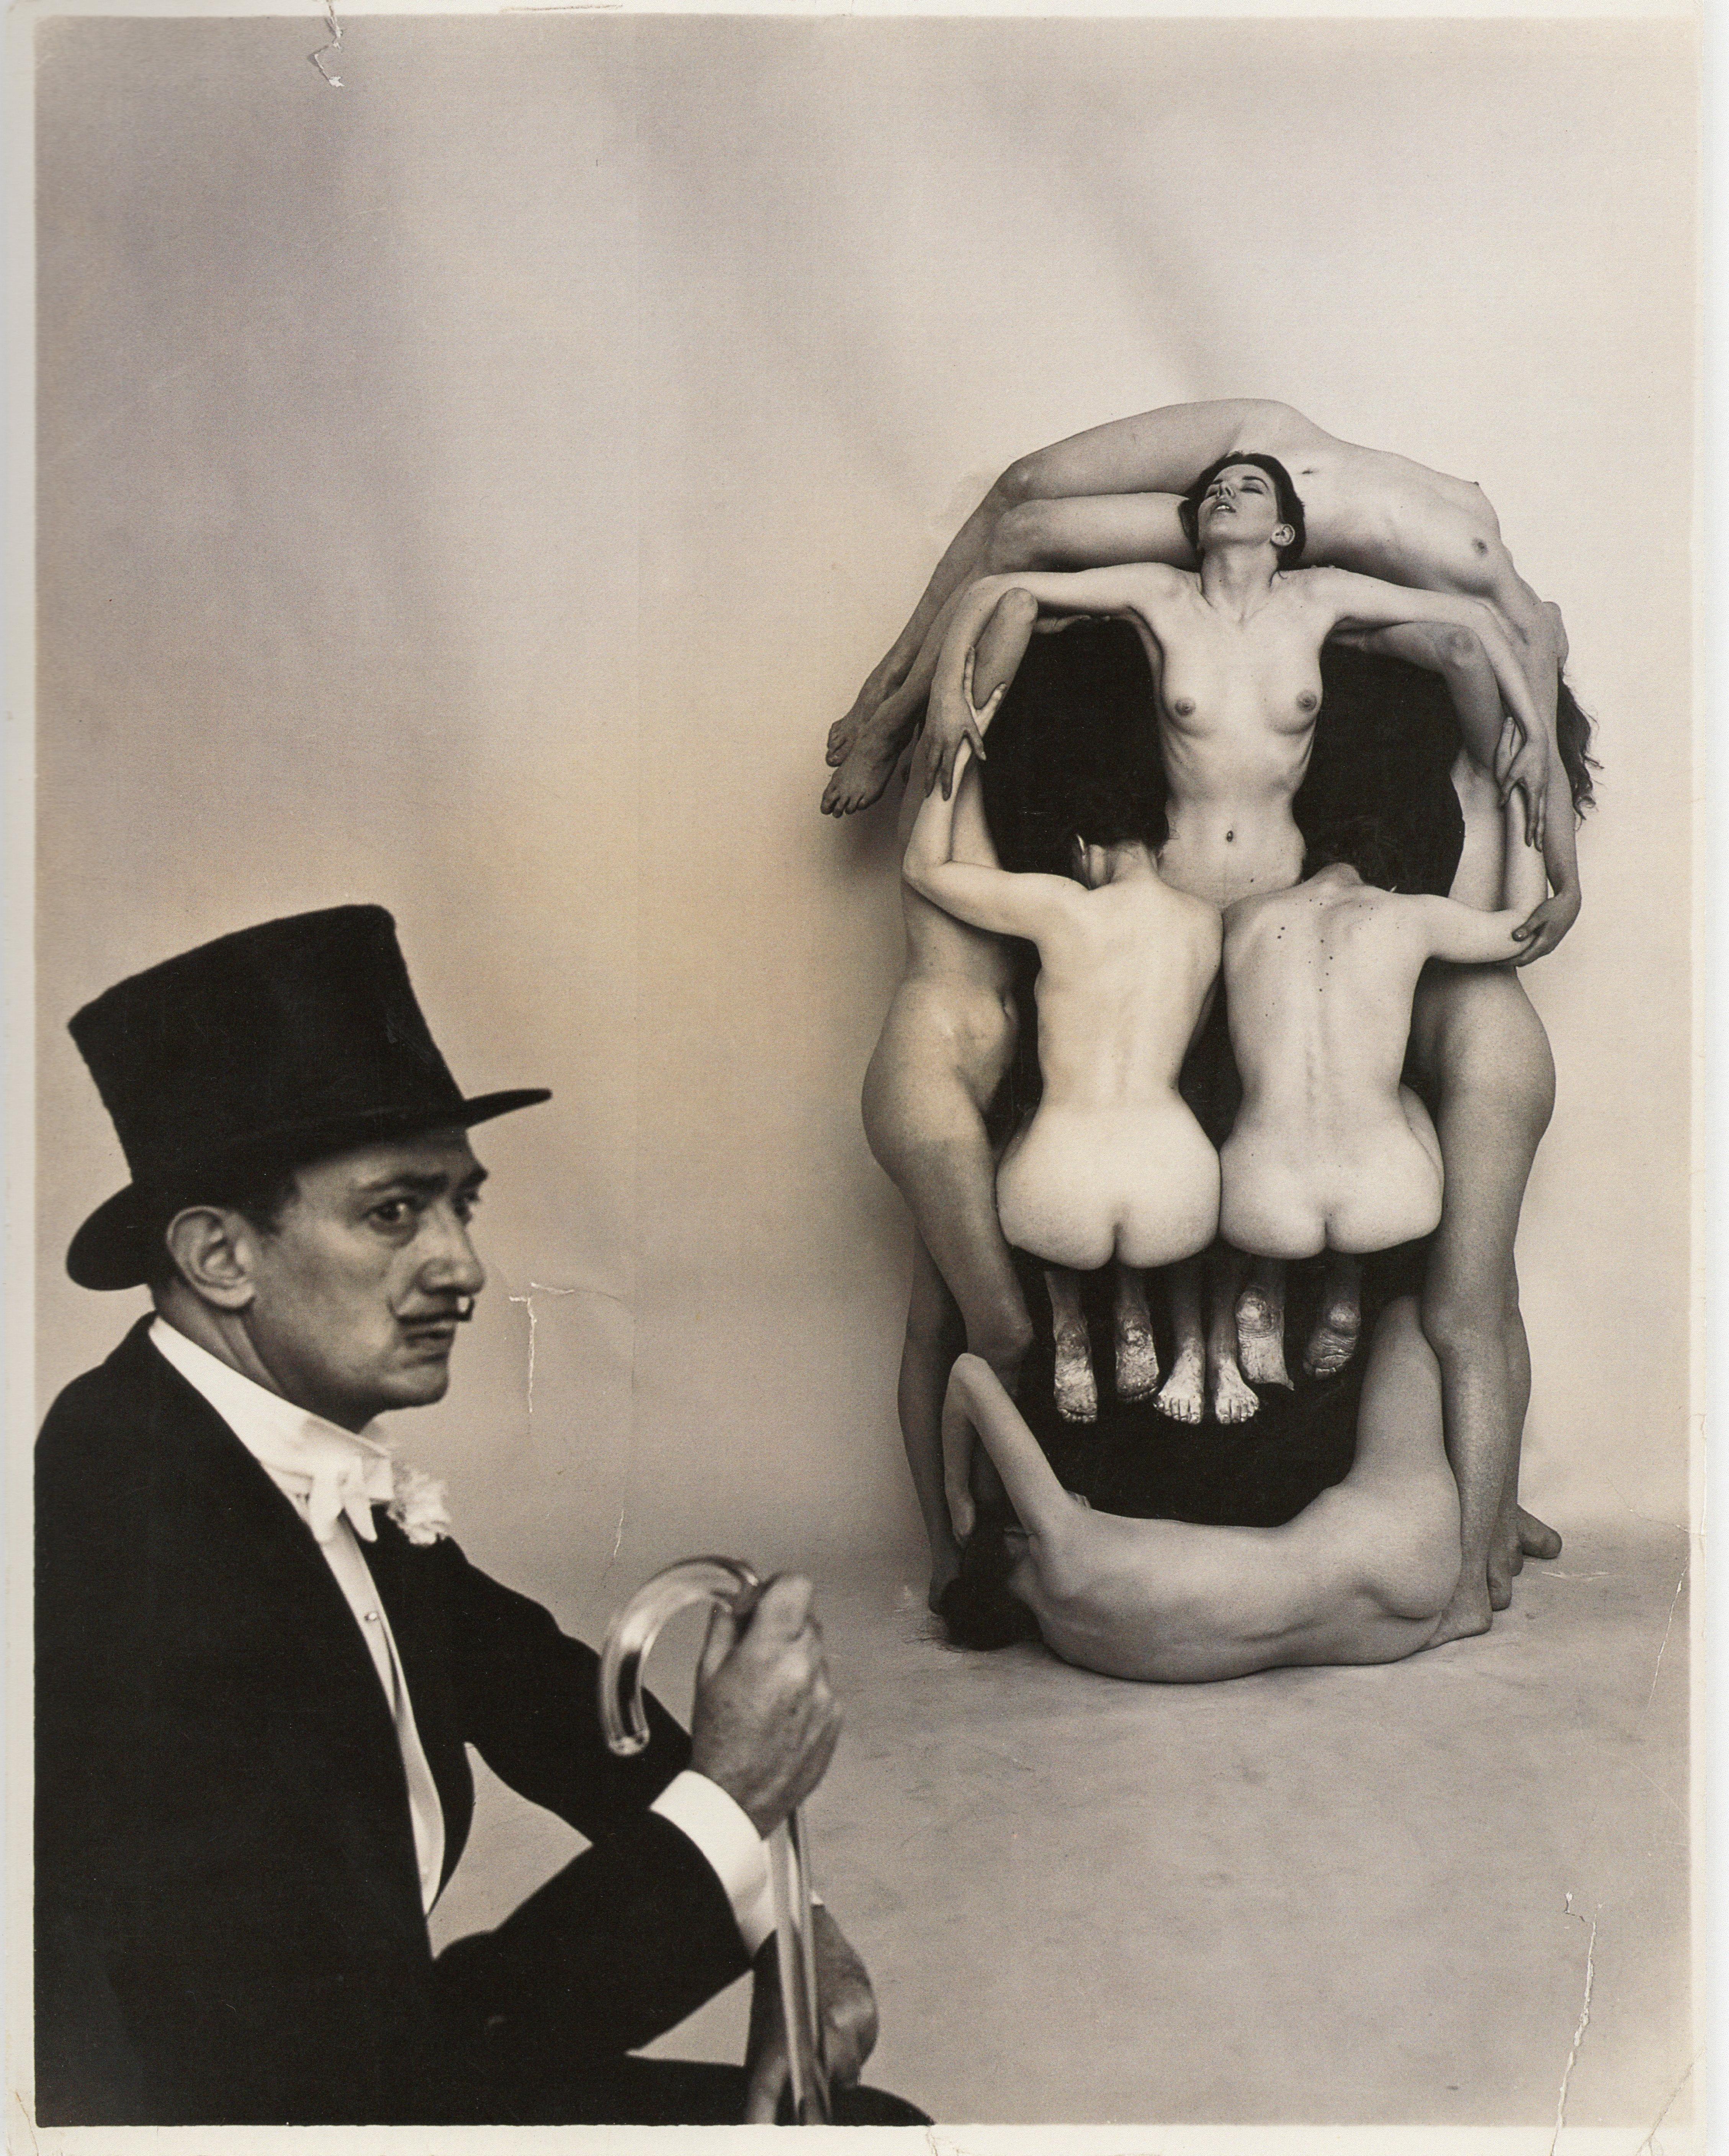 Dalí y la calavera: Philippe Halsman, 1951. Dundación Gala.